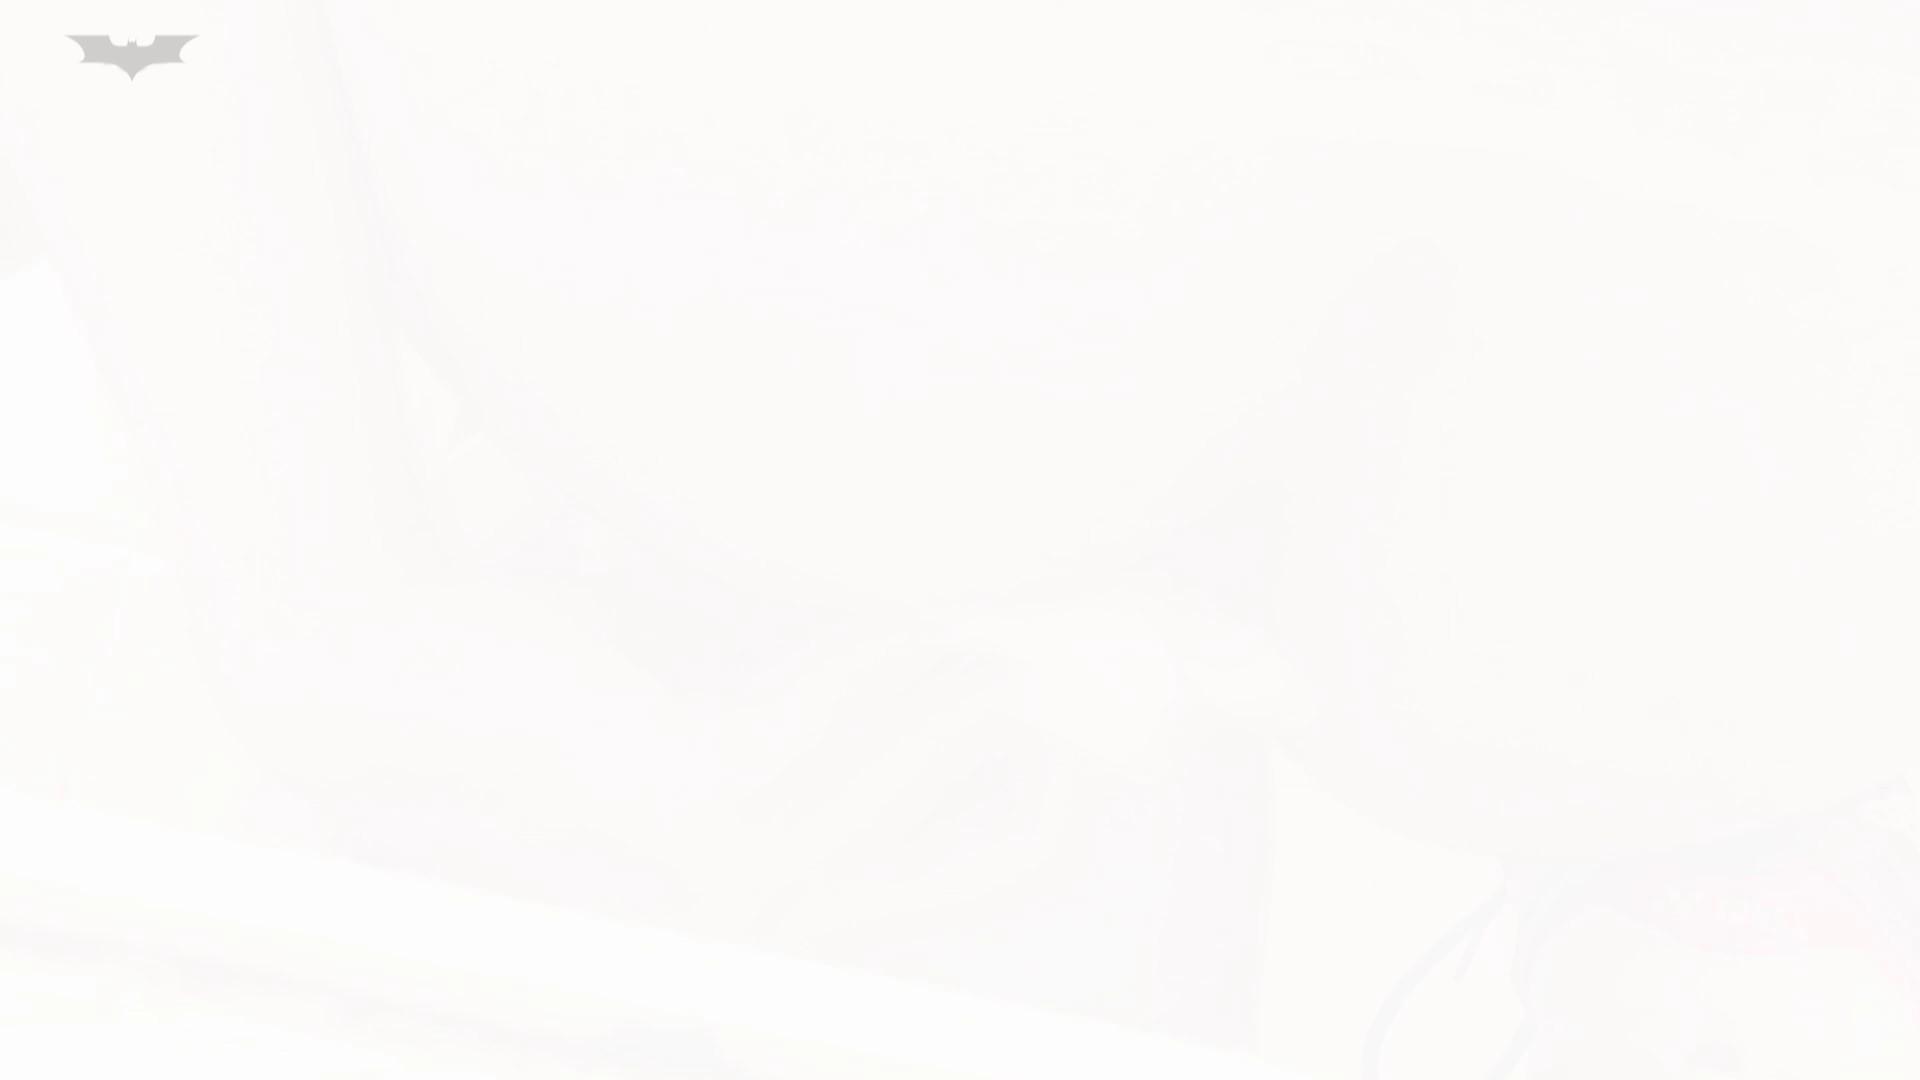 ▲復活限定D▲第三体育館潜入撮File018 夏帆に激似現役の未開発の下を 体育館で われめAV動画紹介 88画像 62